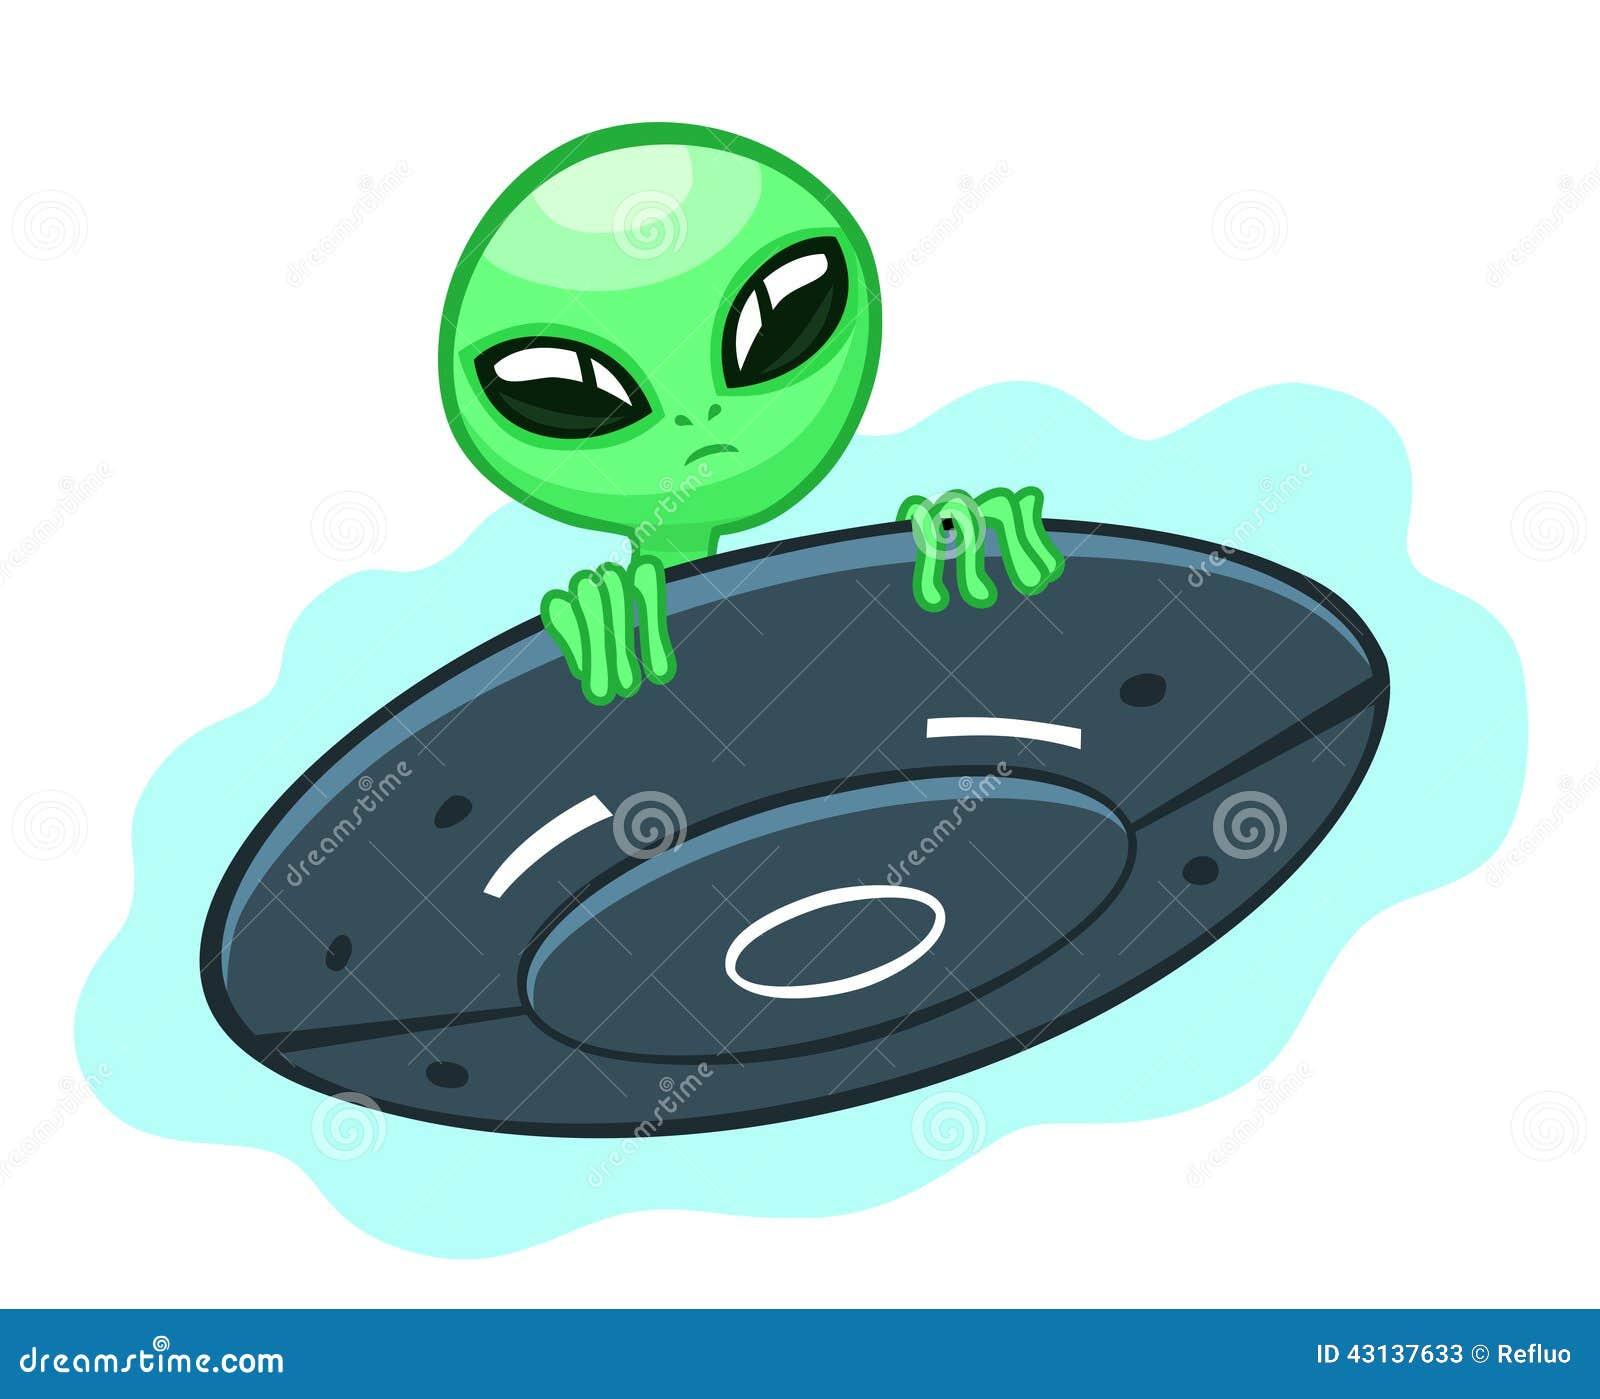 Alien In Flying Saucer Stock Vector - Image: 43137633